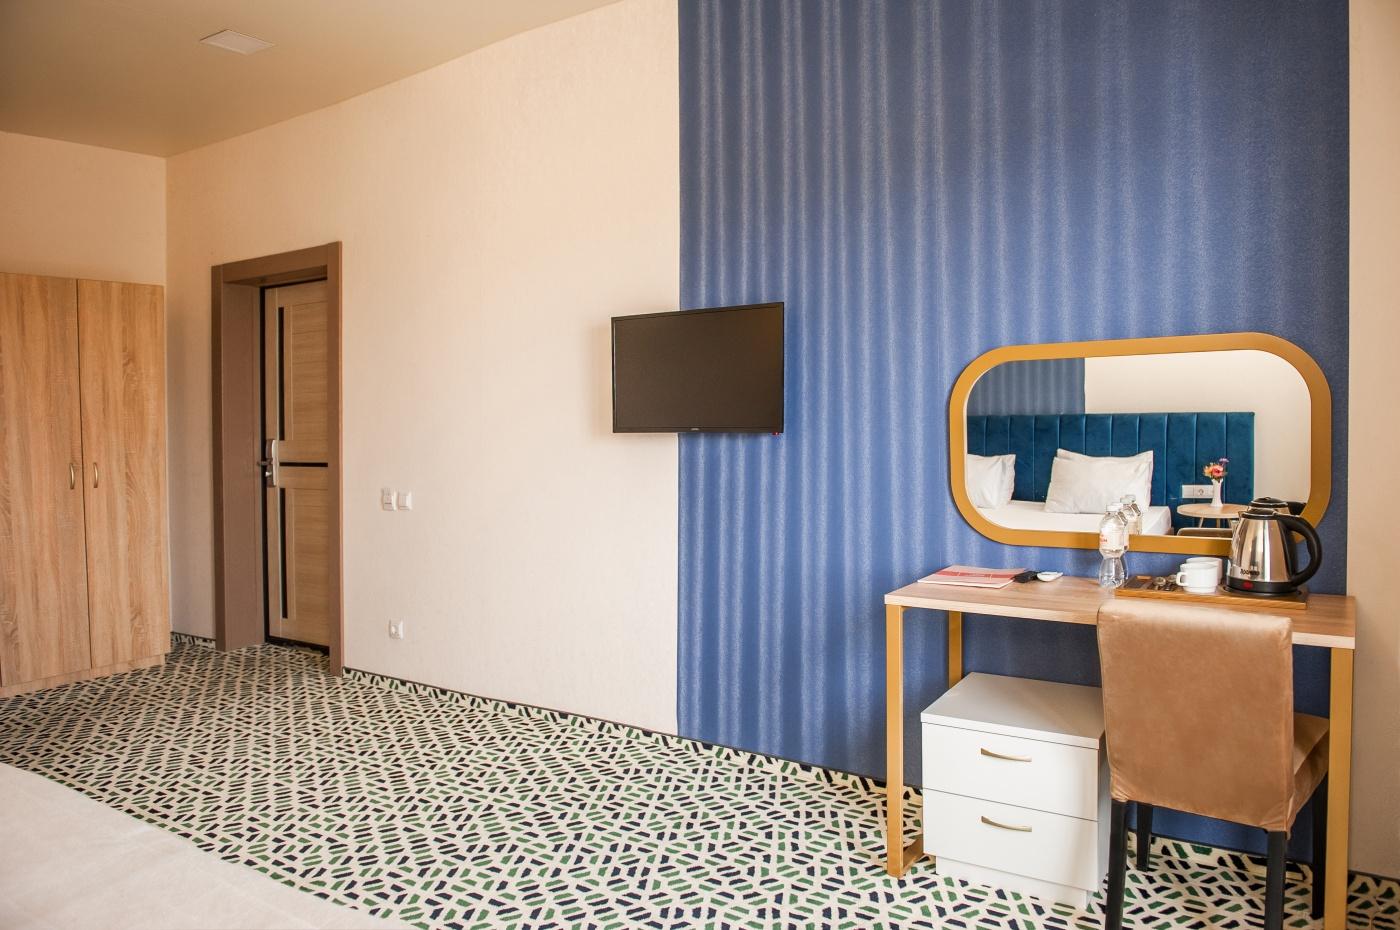 Отель «Aurum Family Resort & Spa» Краснодарский край Standard 2-местный (в коттедже), фото 3